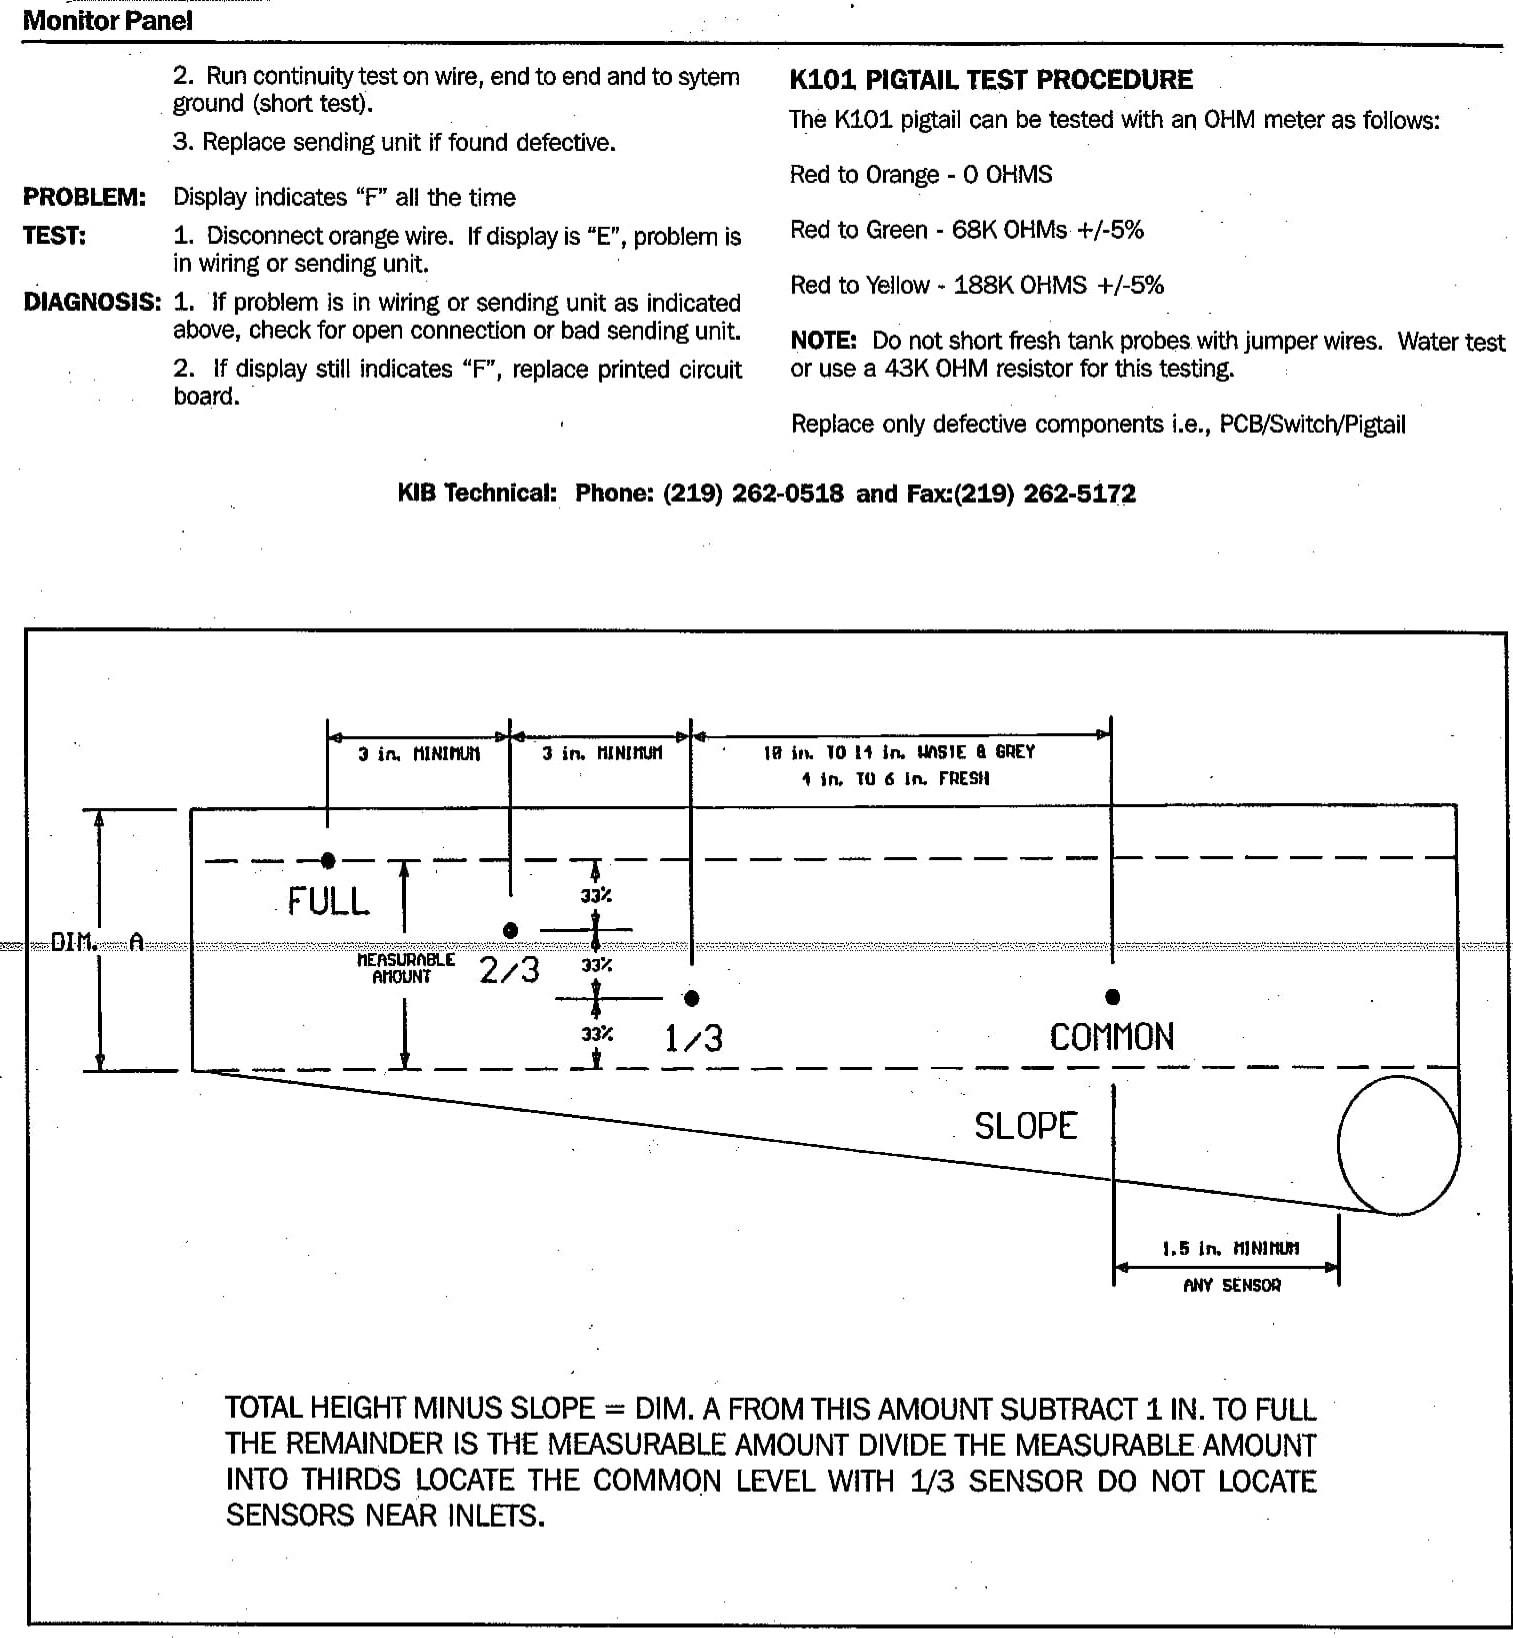 Kib M28Vwfw Rv Kib 4 Tank Monitor Panel